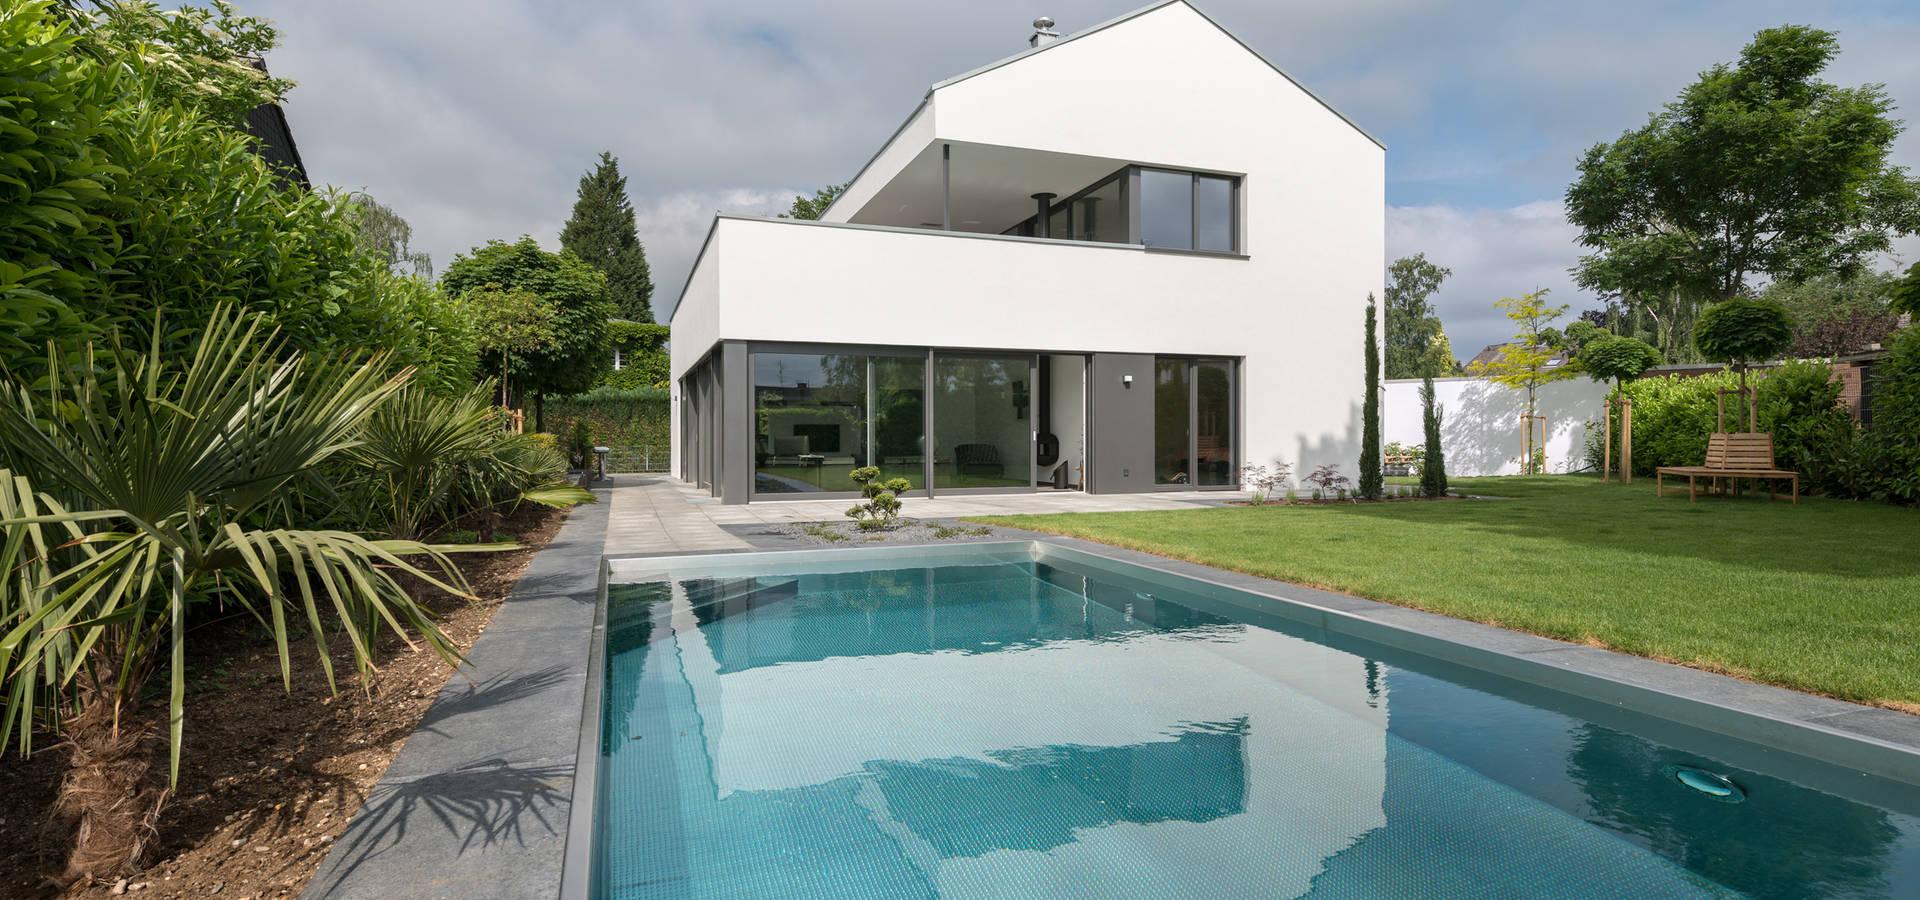 haus m neuss von schmitz architekten gmbh homify. Black Bedroom Furniture Sets. Home Design Ideas